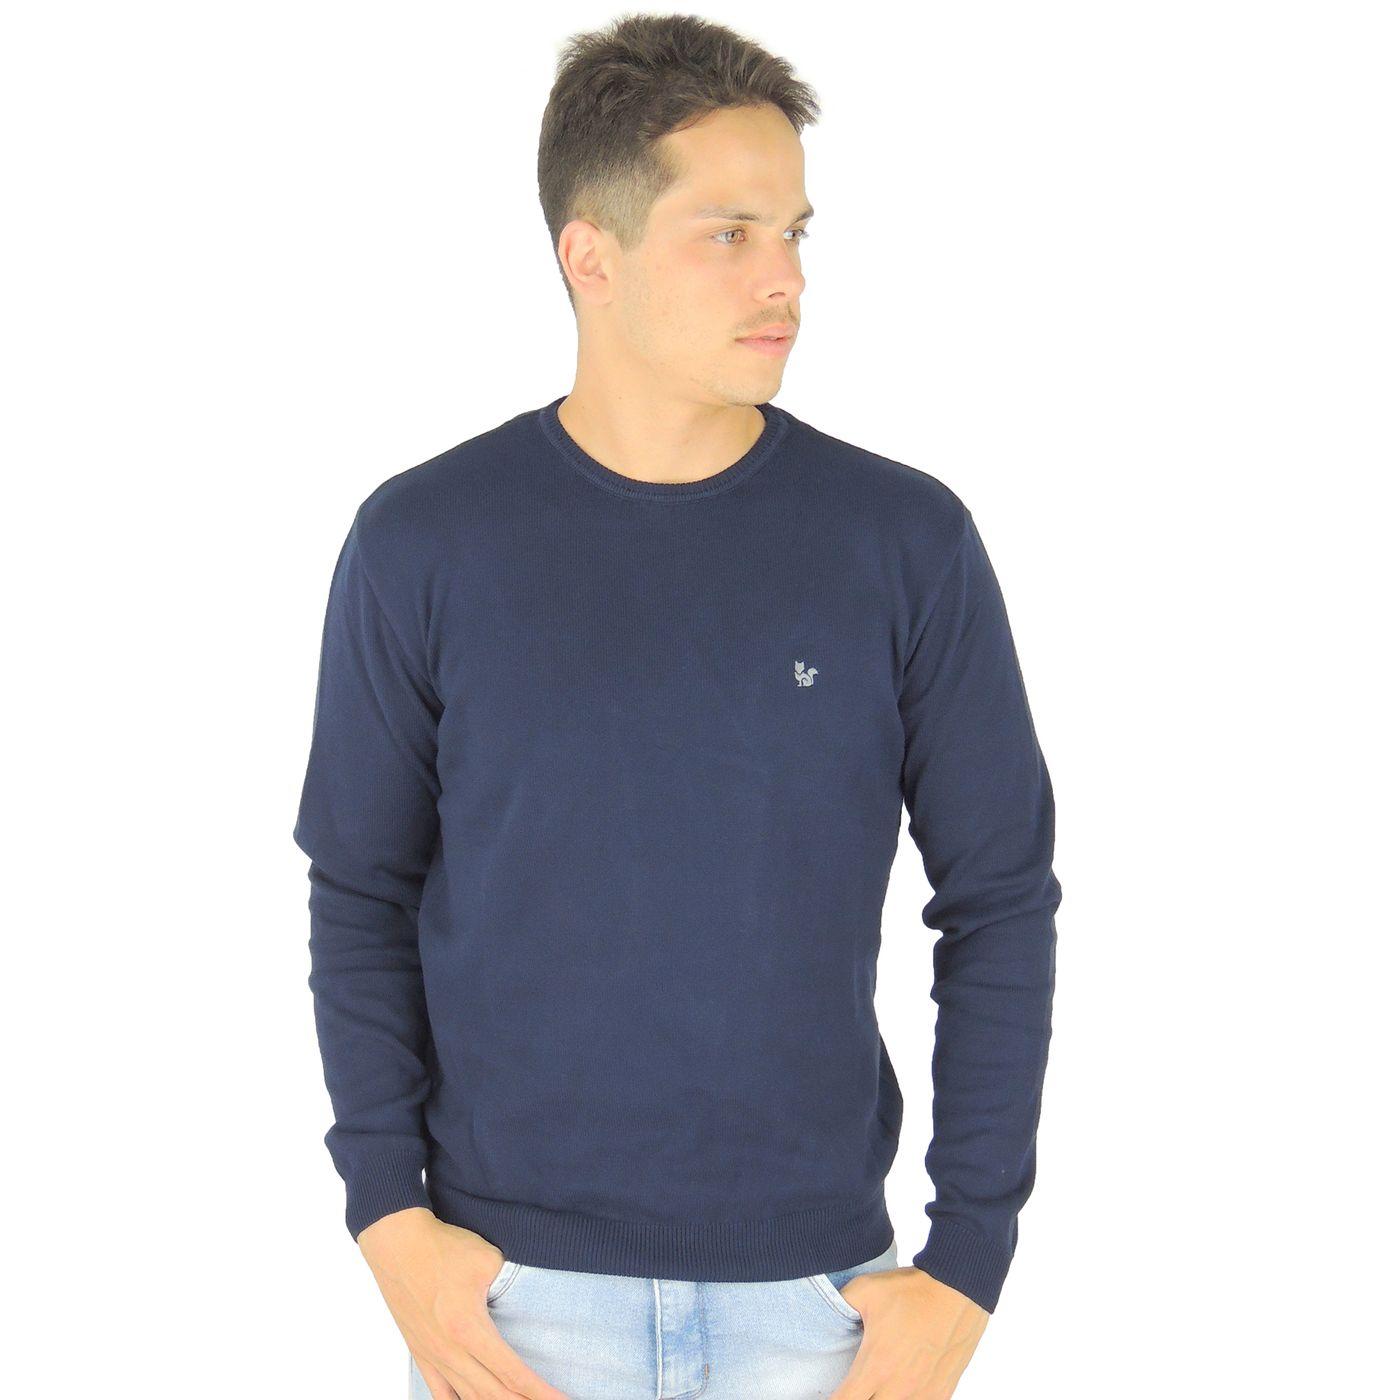 Suéter Masculino Azul Marinho em algodão - fieroshop 8e4a8894e004b